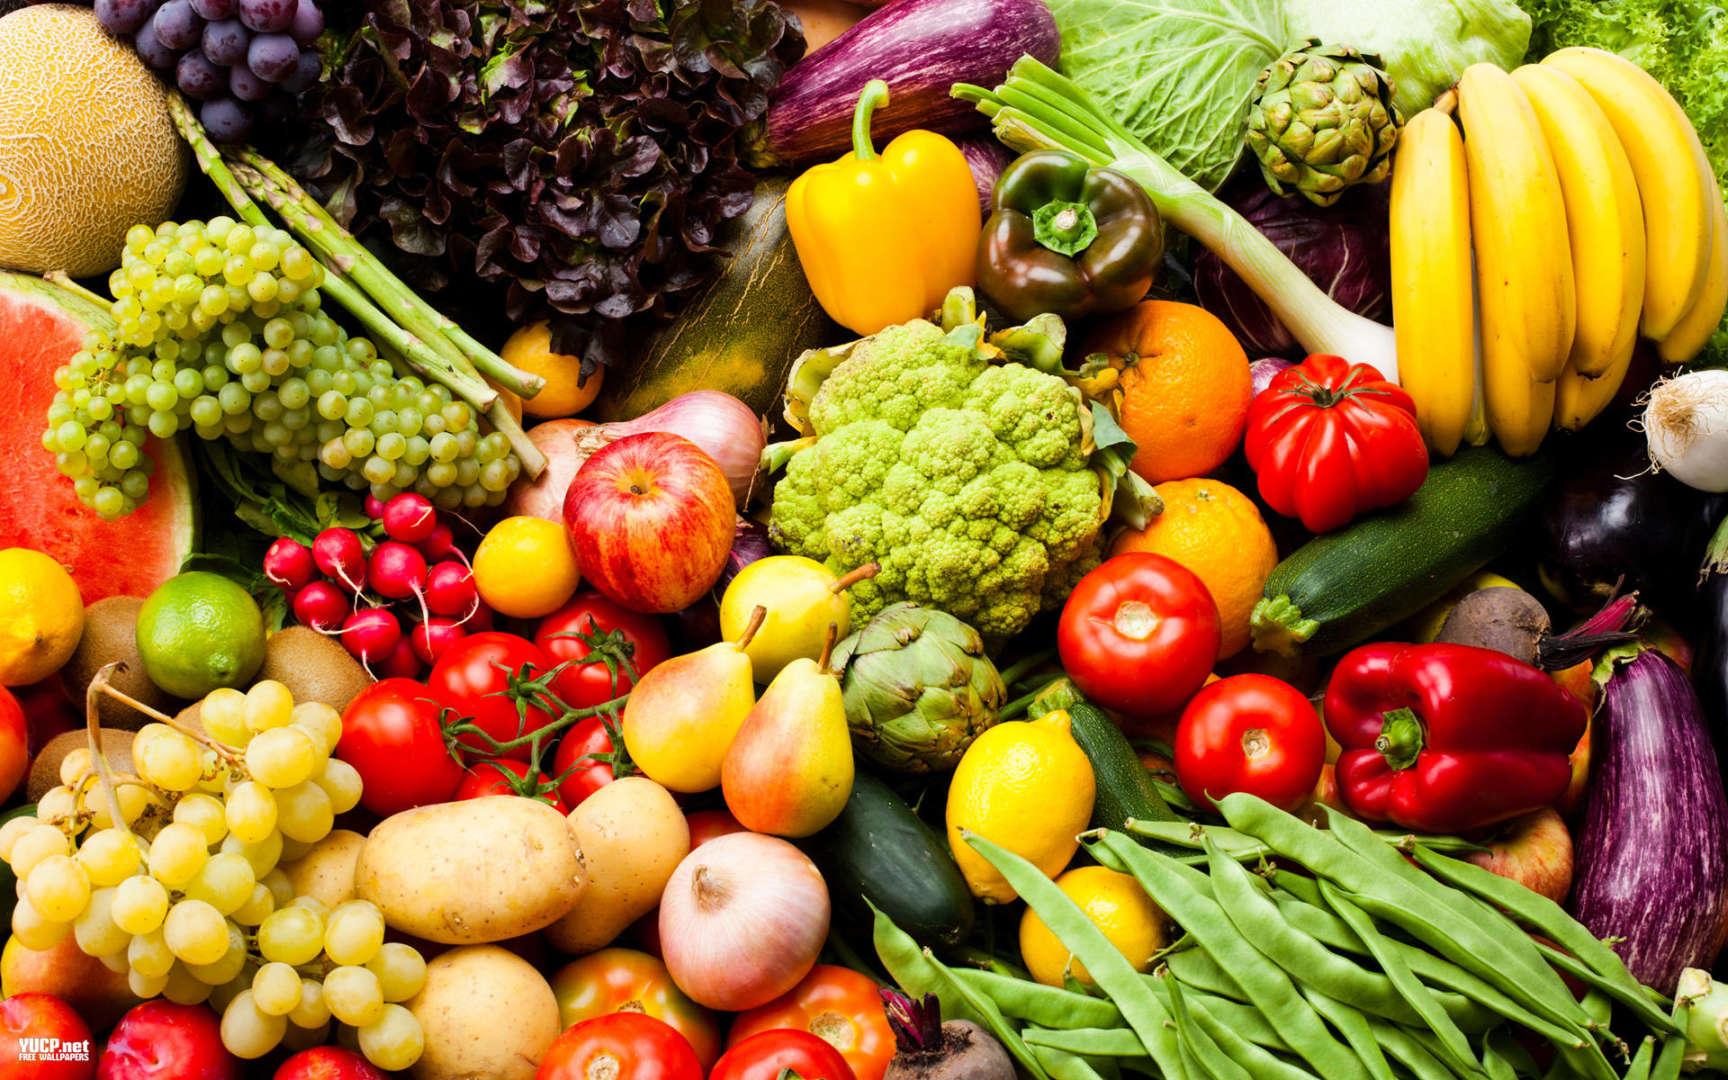 Source : https://pasquier.qc.ca/decouvertes-nouvelles/fruits-legumes-consommer-davantage/